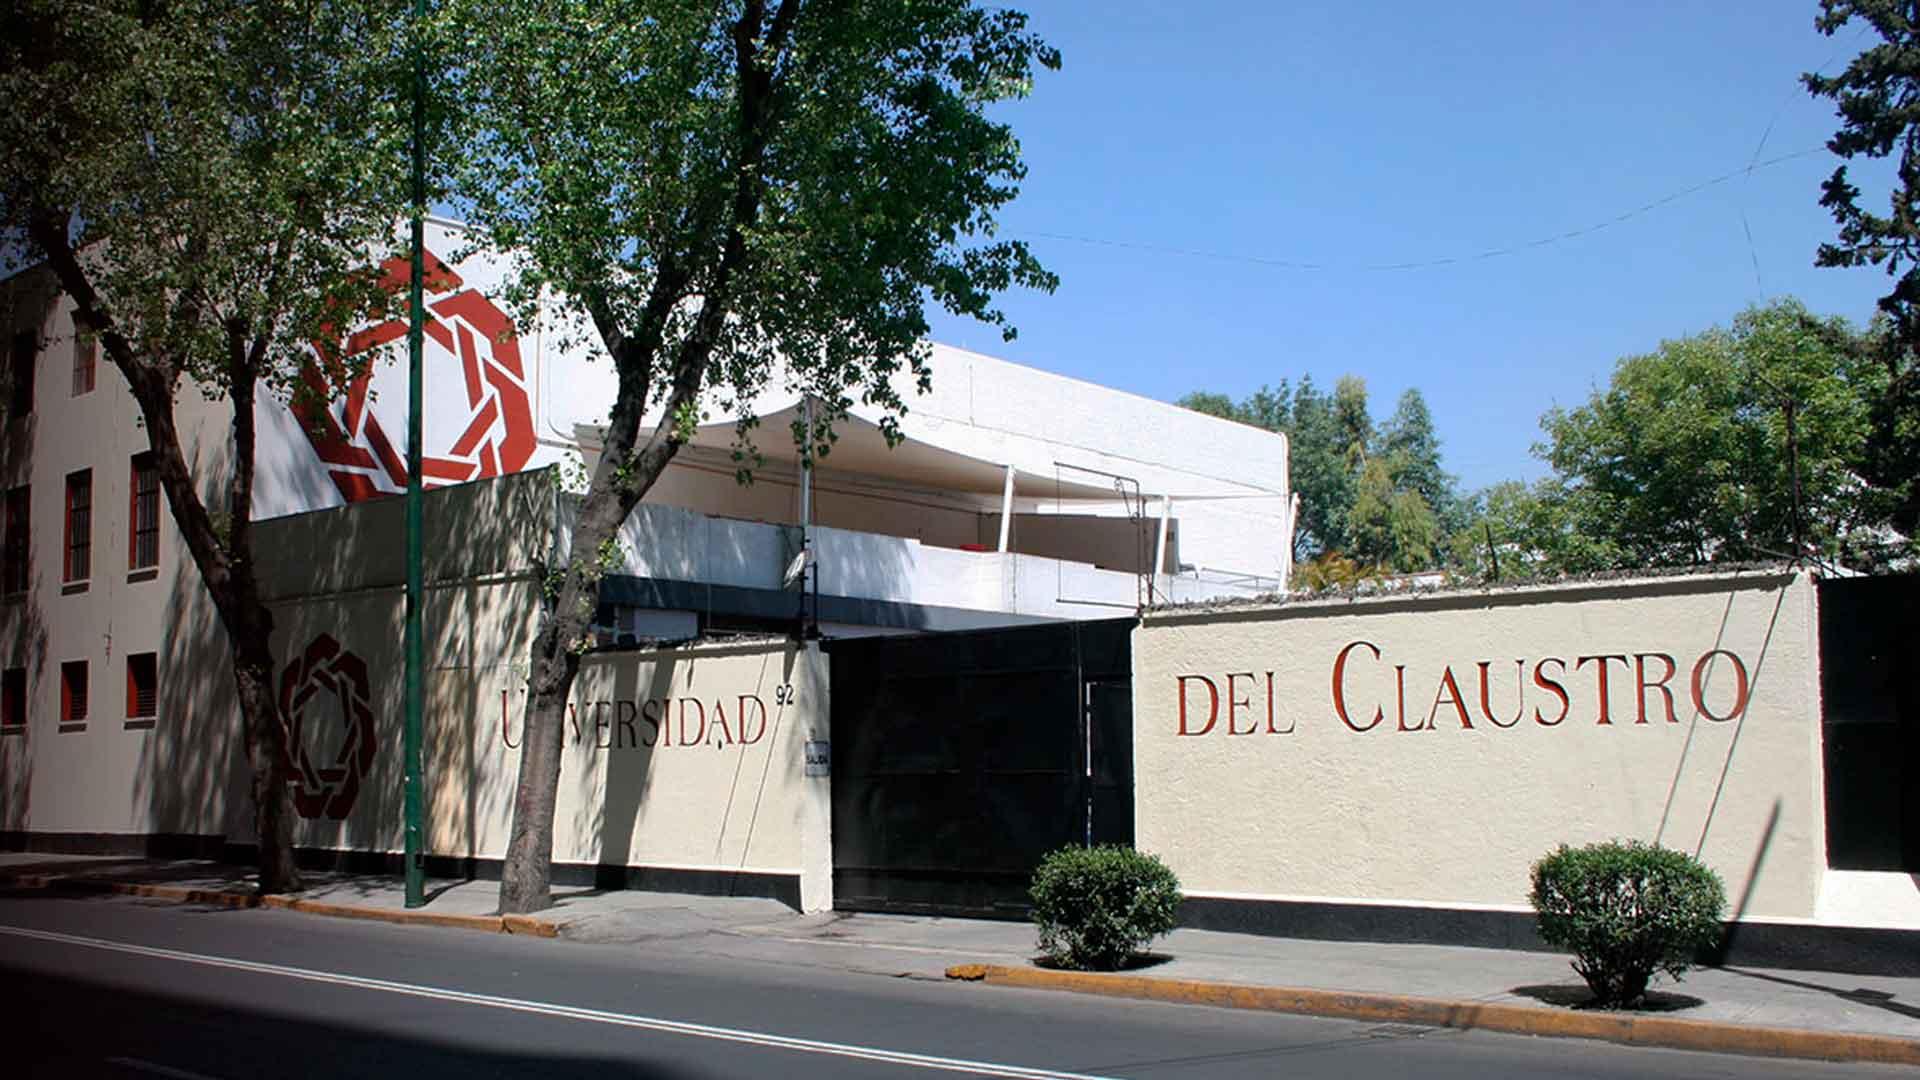 Claustro de Sor Juana celebra 40 años con actividades culturales